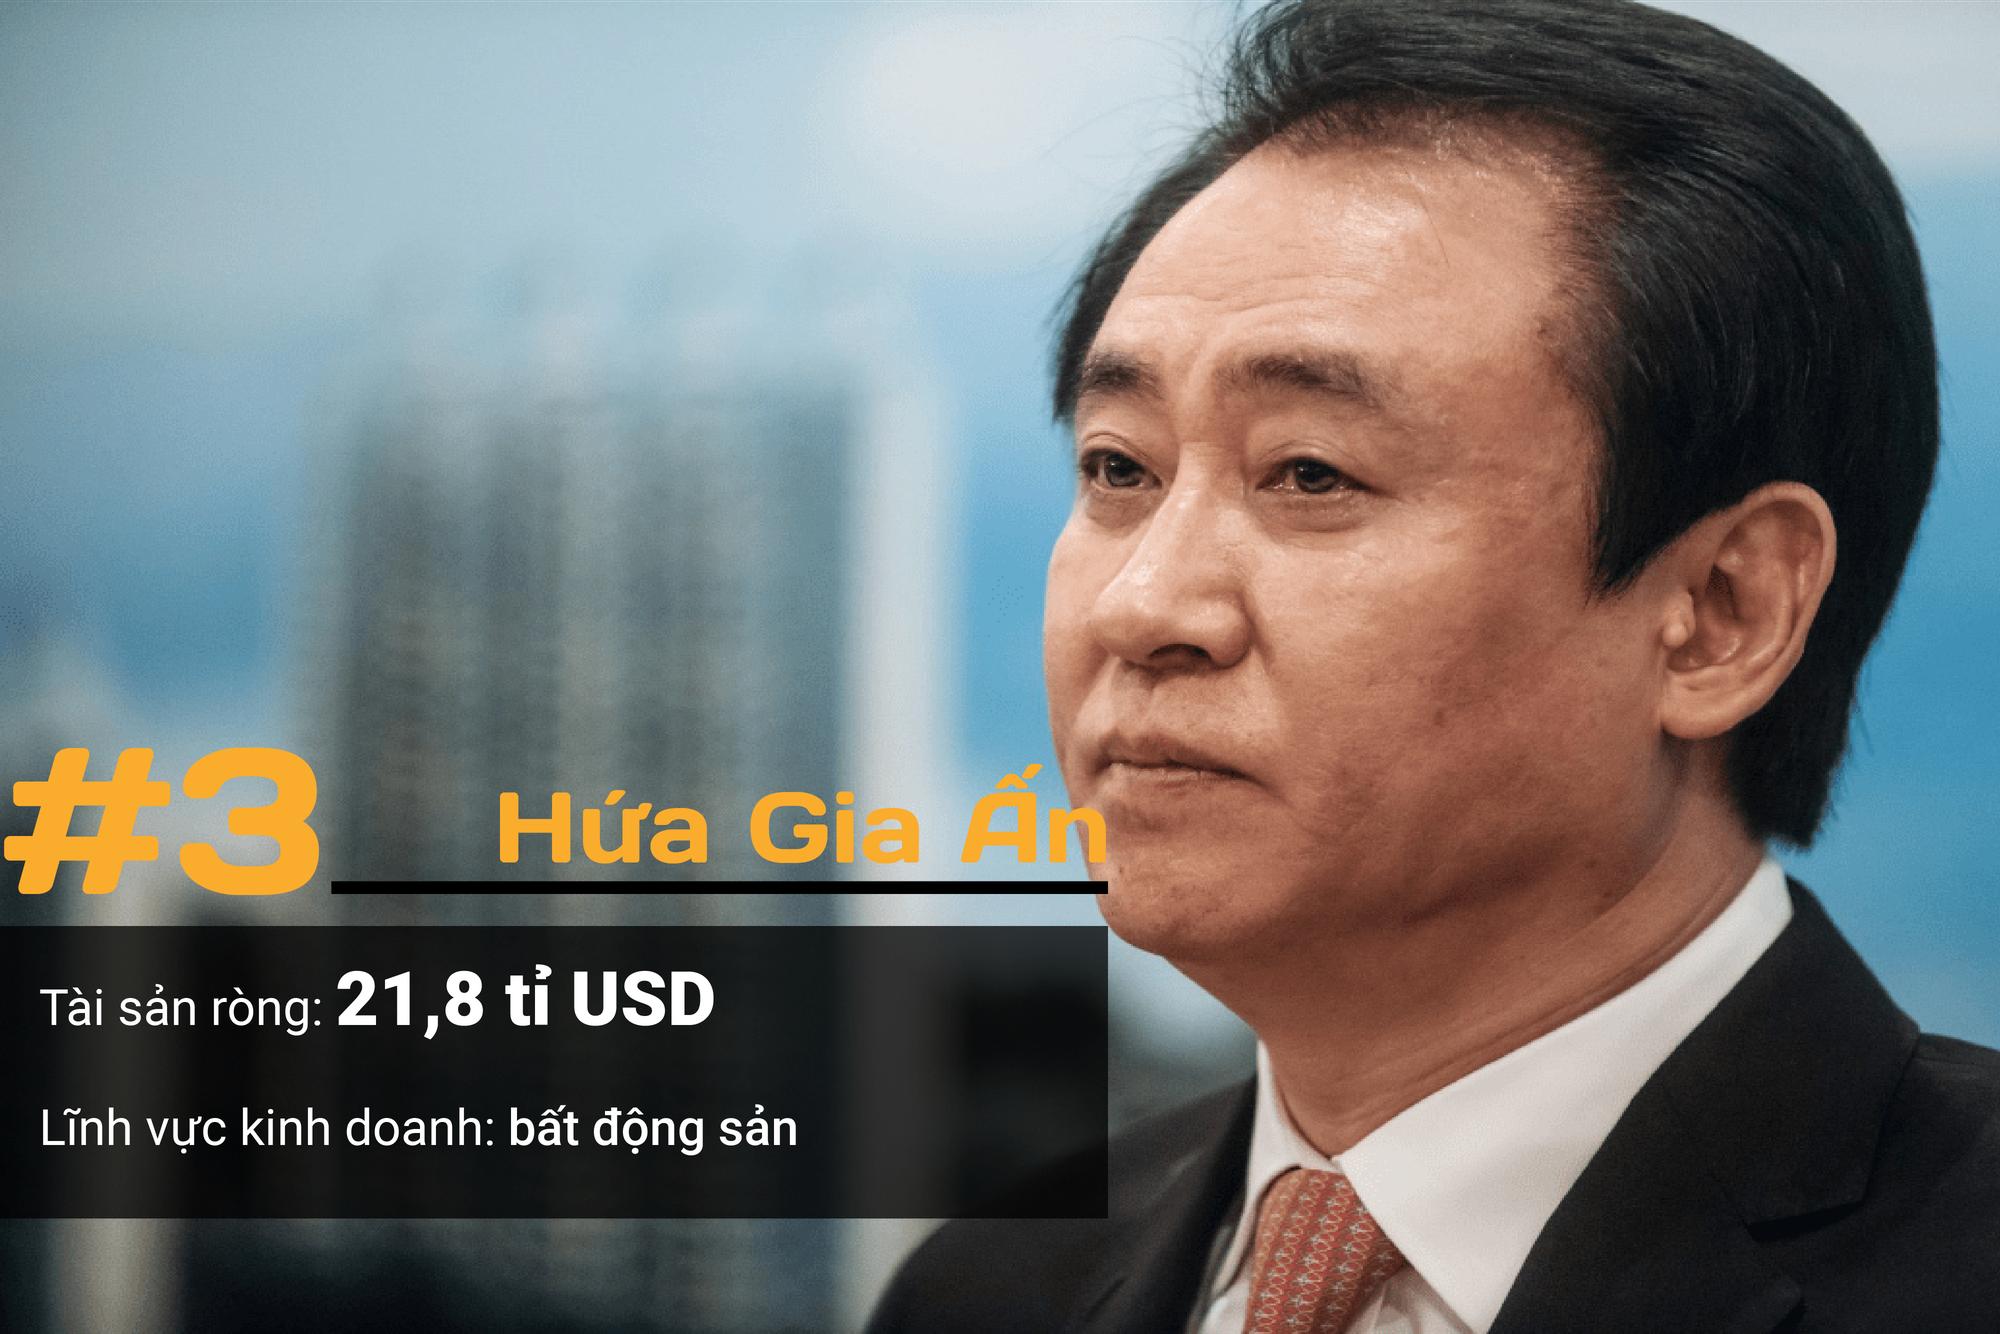 Jack Ma vẫn là người giàu nhất, Trung Quốc có tỉ phú nuôi heo - Ảnh 3.